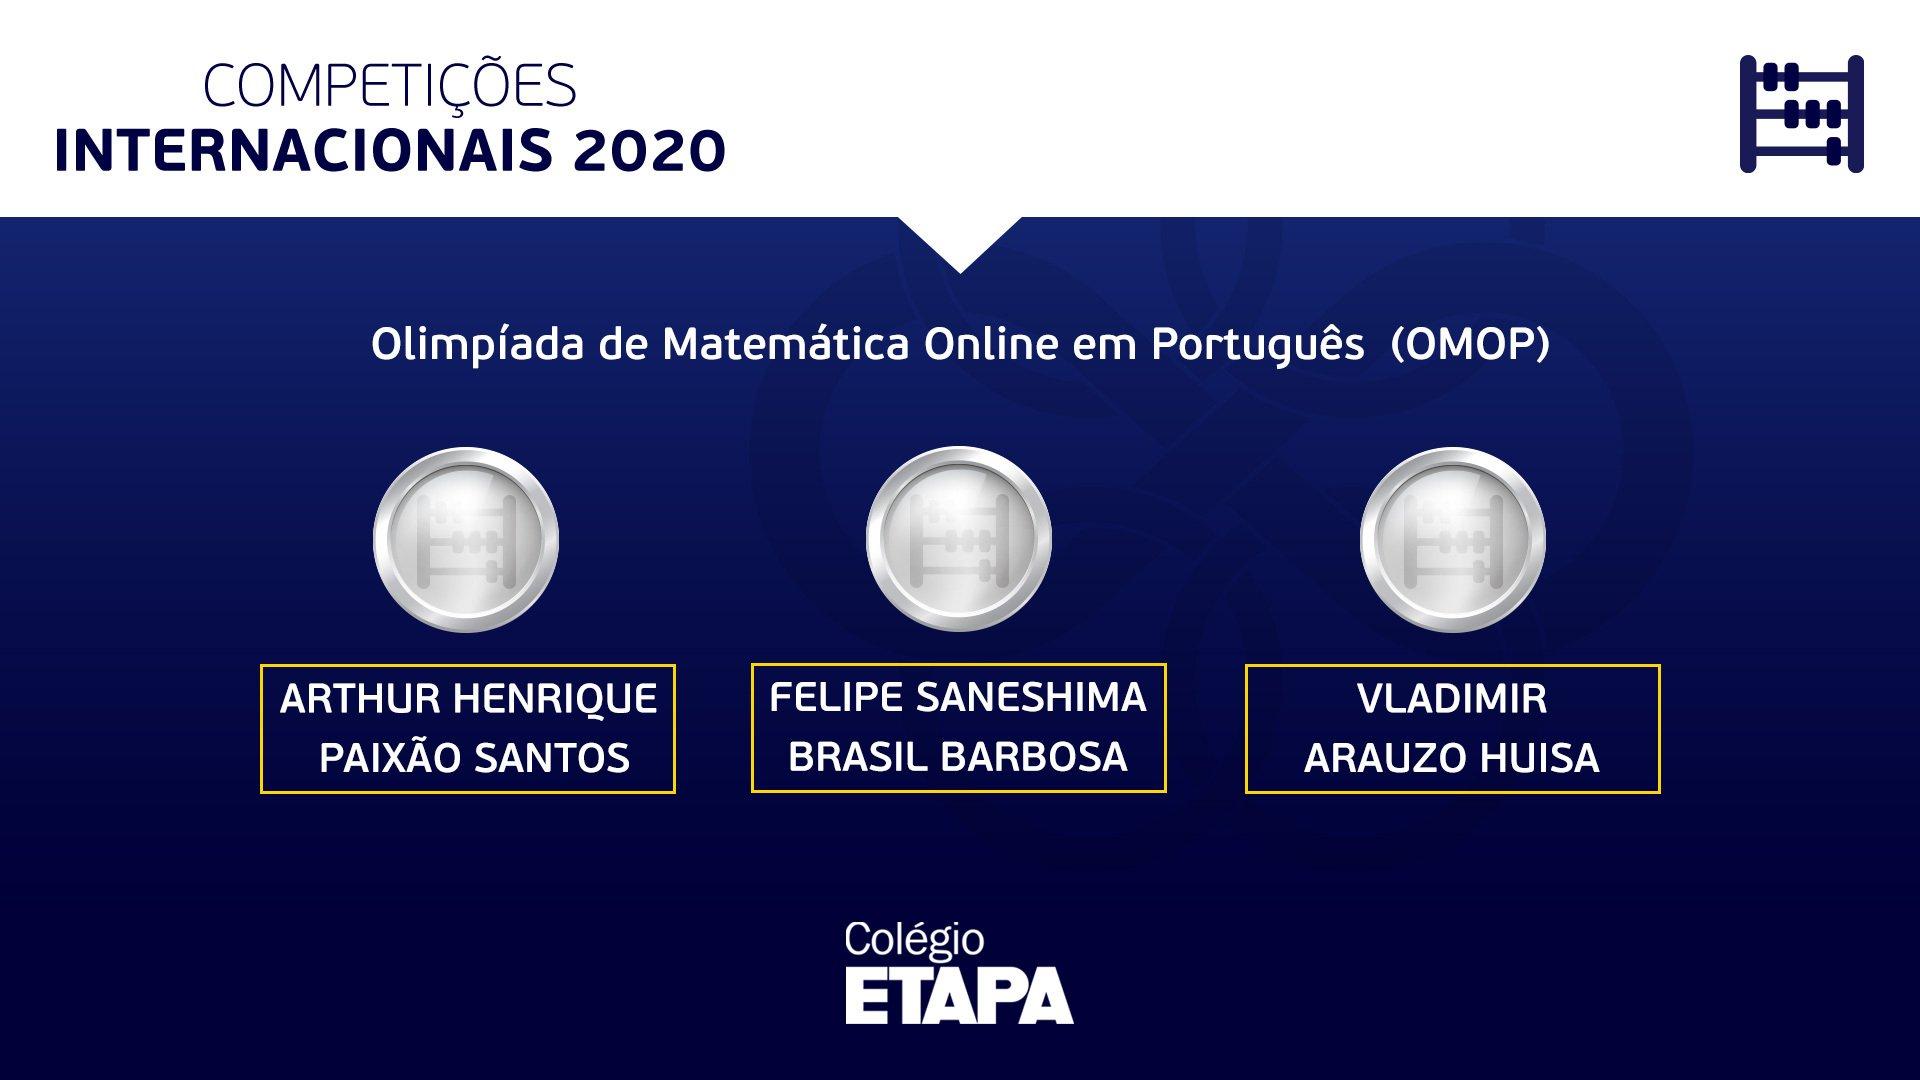 Alunos são premiados na Olimpíada de Matemática Online em Português